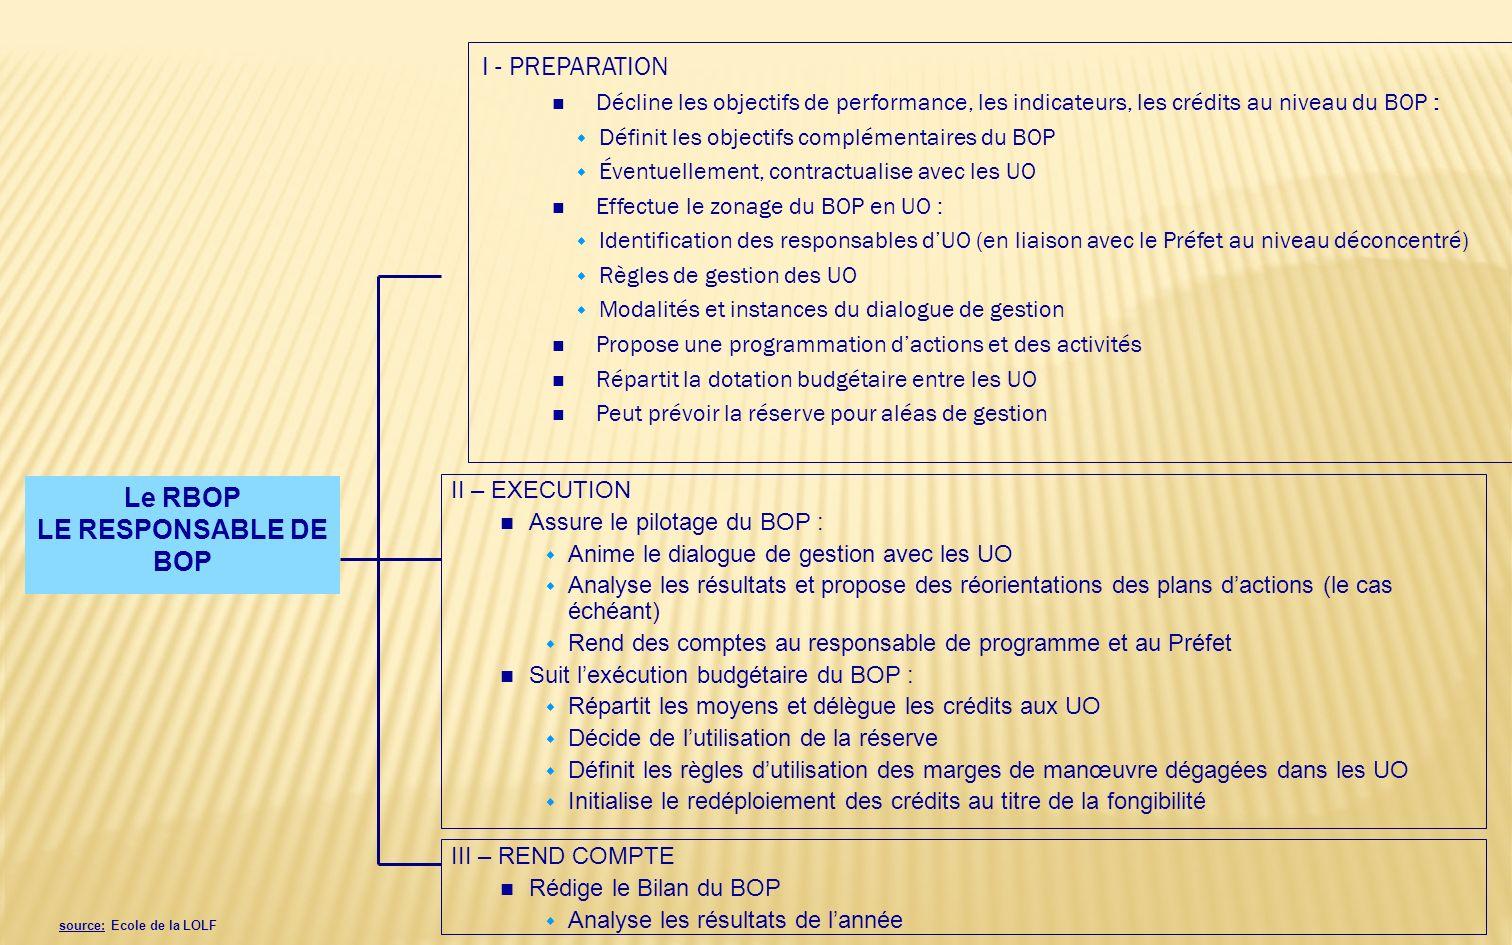 25/03/2014 14 Les autorisations dengagement (A.E) notifications des AE par les responsables de programme (RPROG) aux responsables de BOP (RBOP) répart